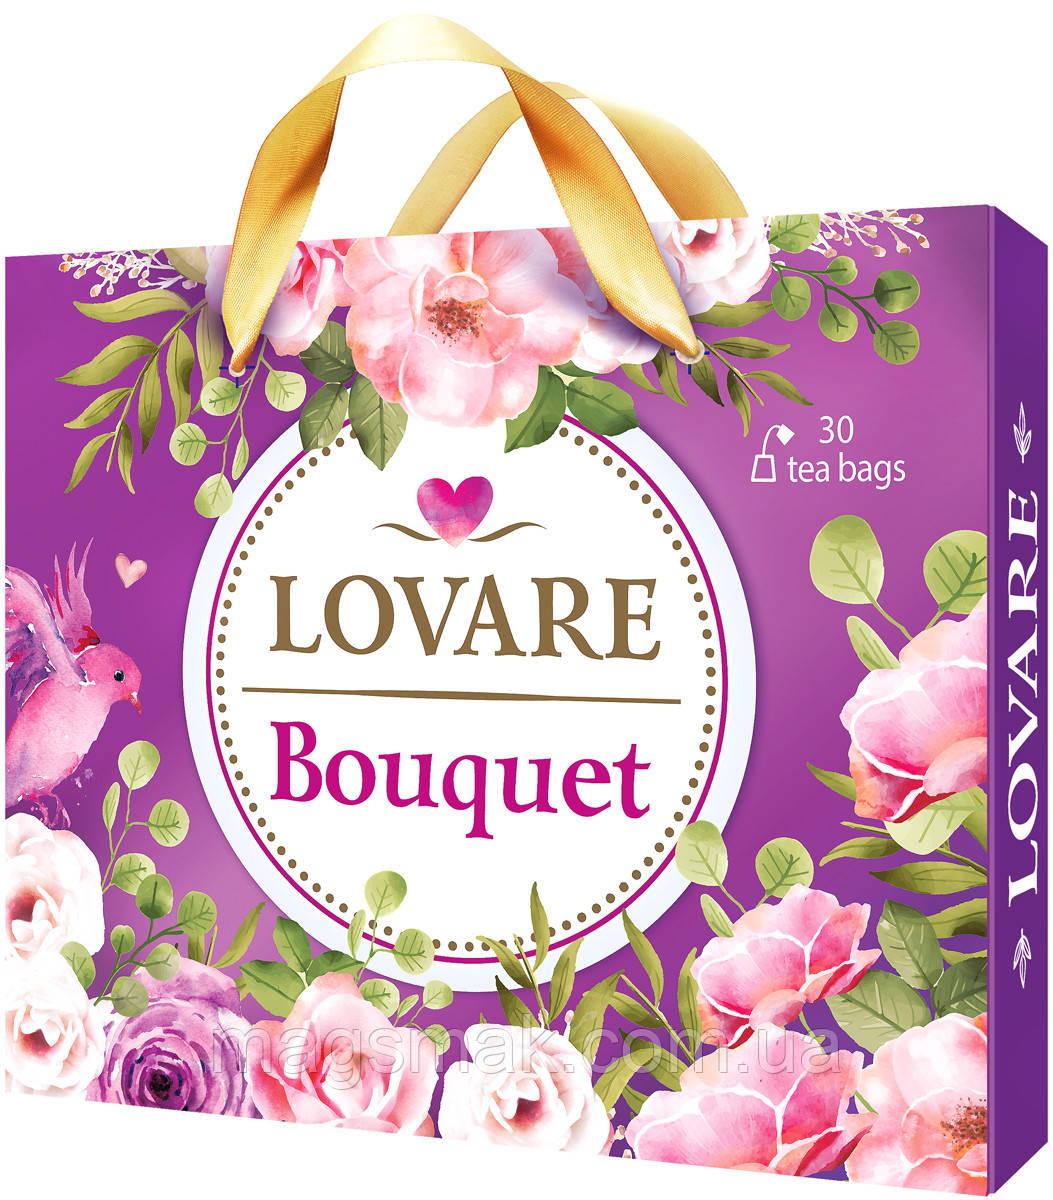 Колекція чаю Lovare Bouquet (Ловаре Букет) асорті 6 видів чаю по 5 конвертів